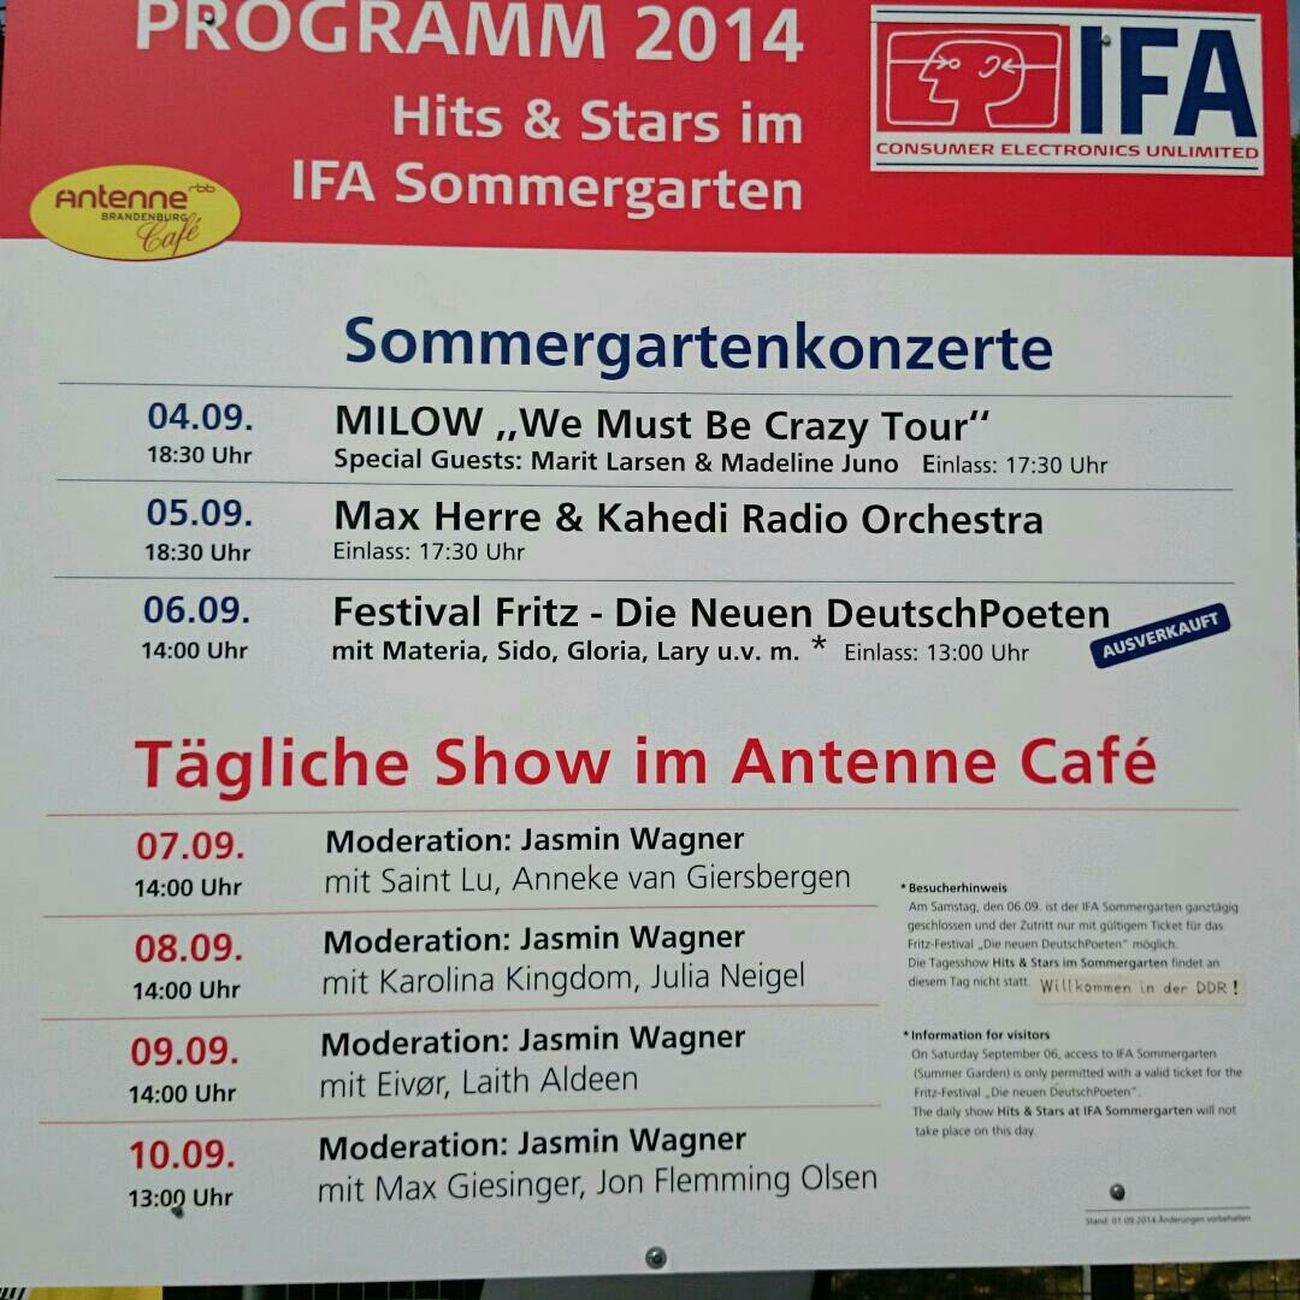 今年の夏フェス at IFAのプログラム。よく分からないけど。